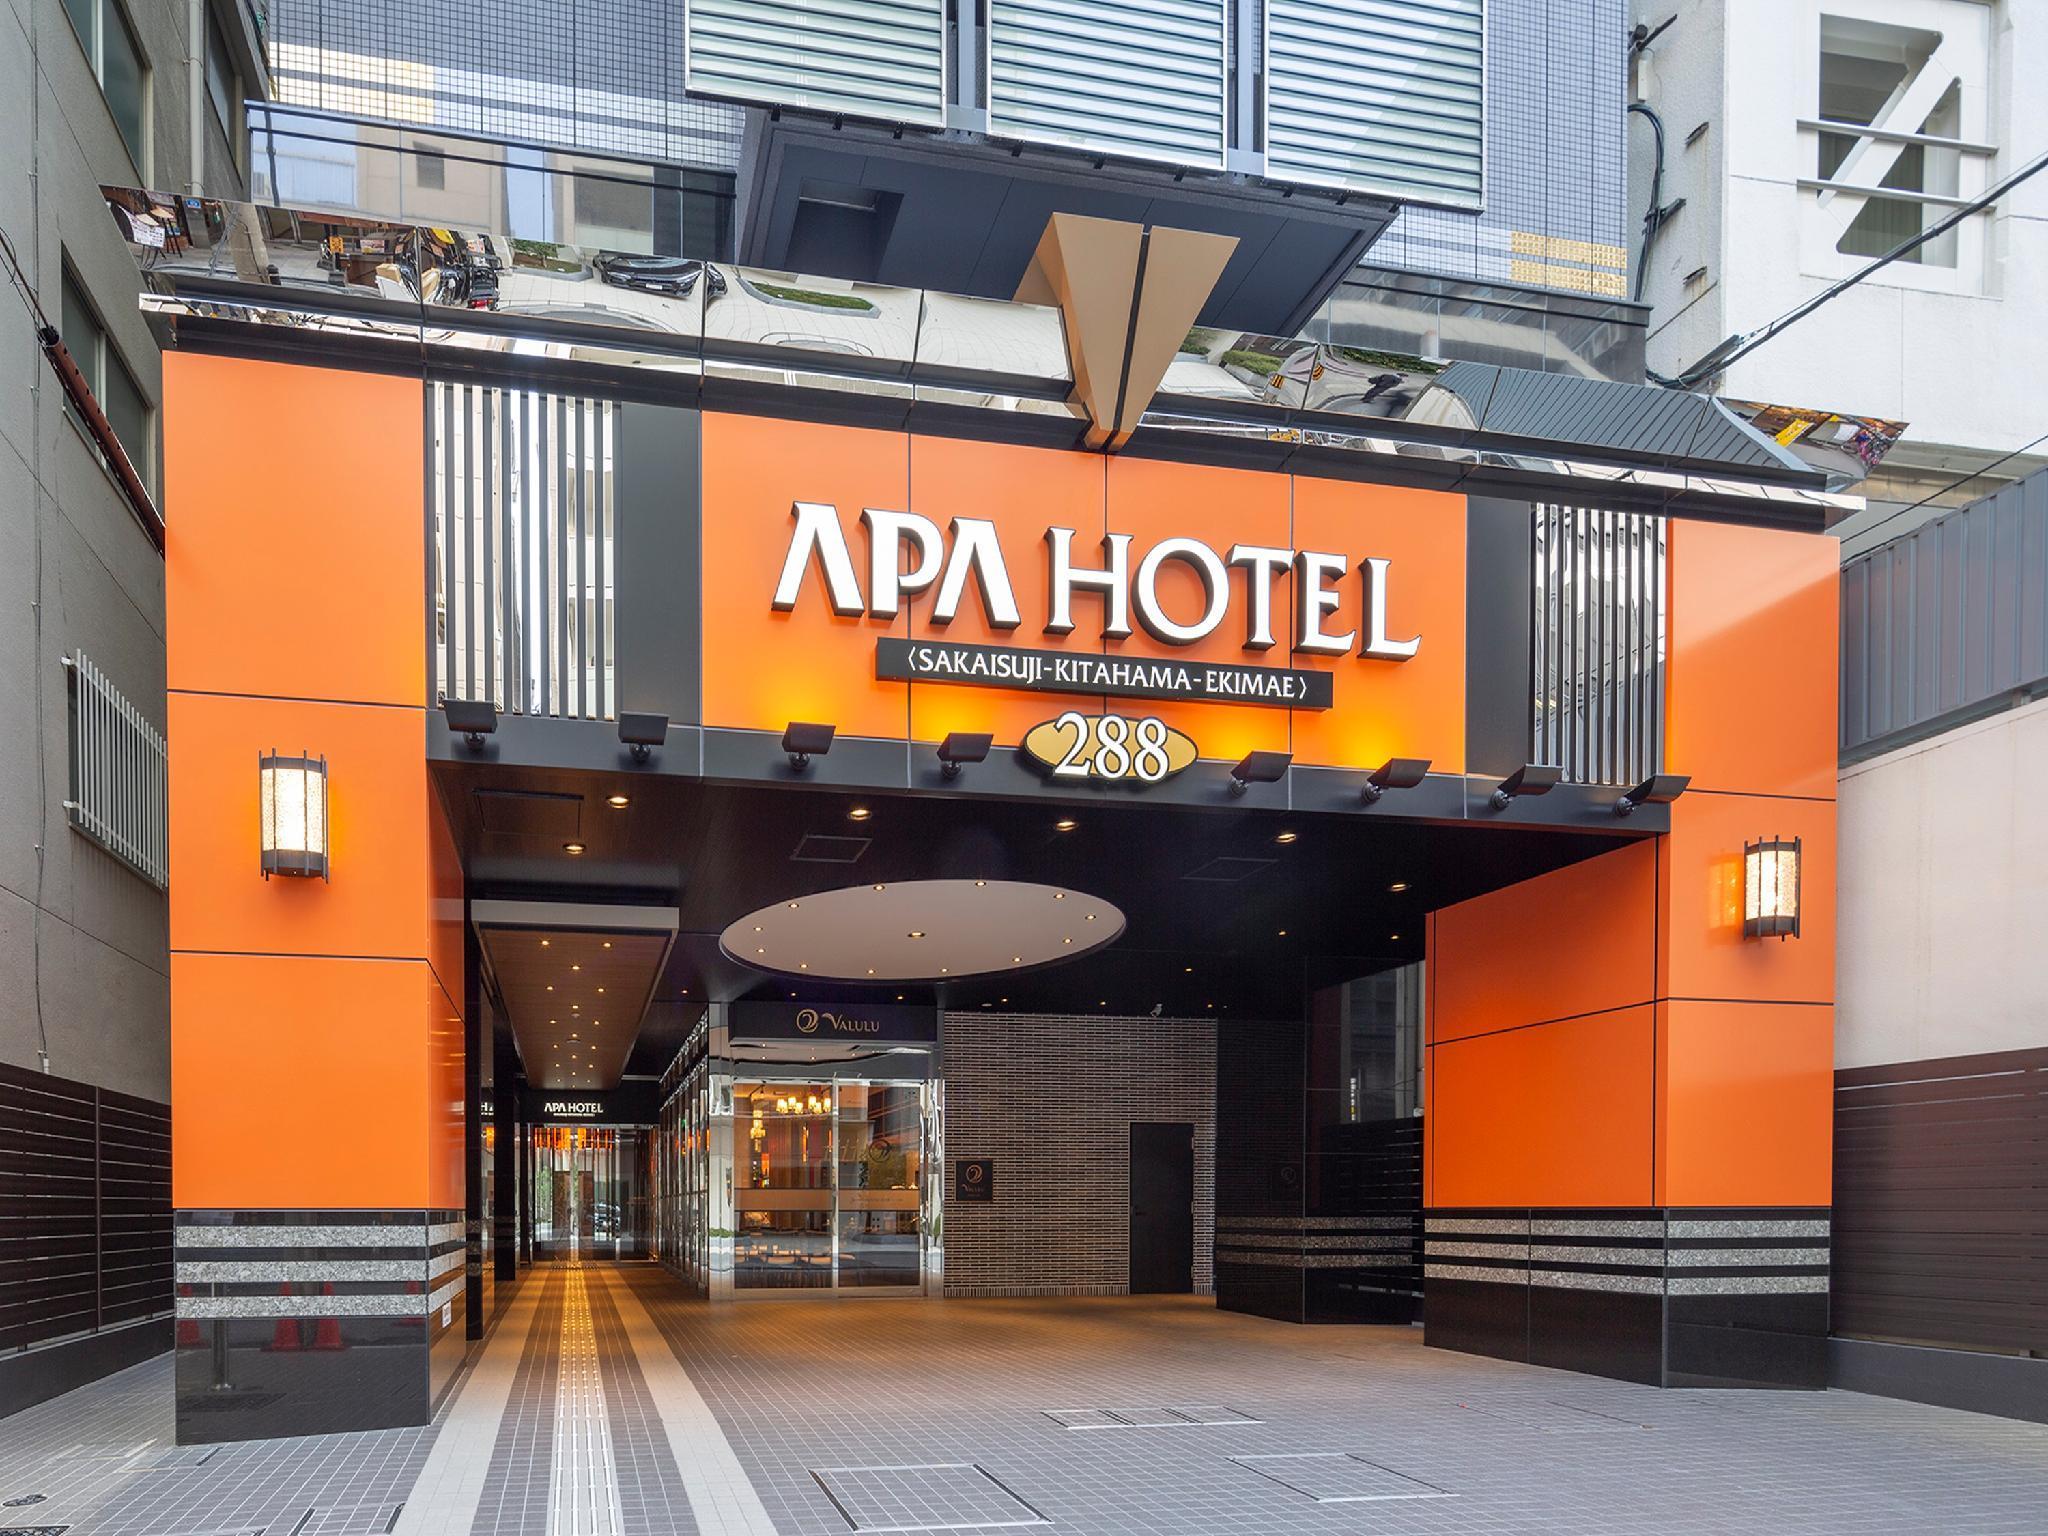 APA HOTEL Sakaisuji Kitahama Ekimae